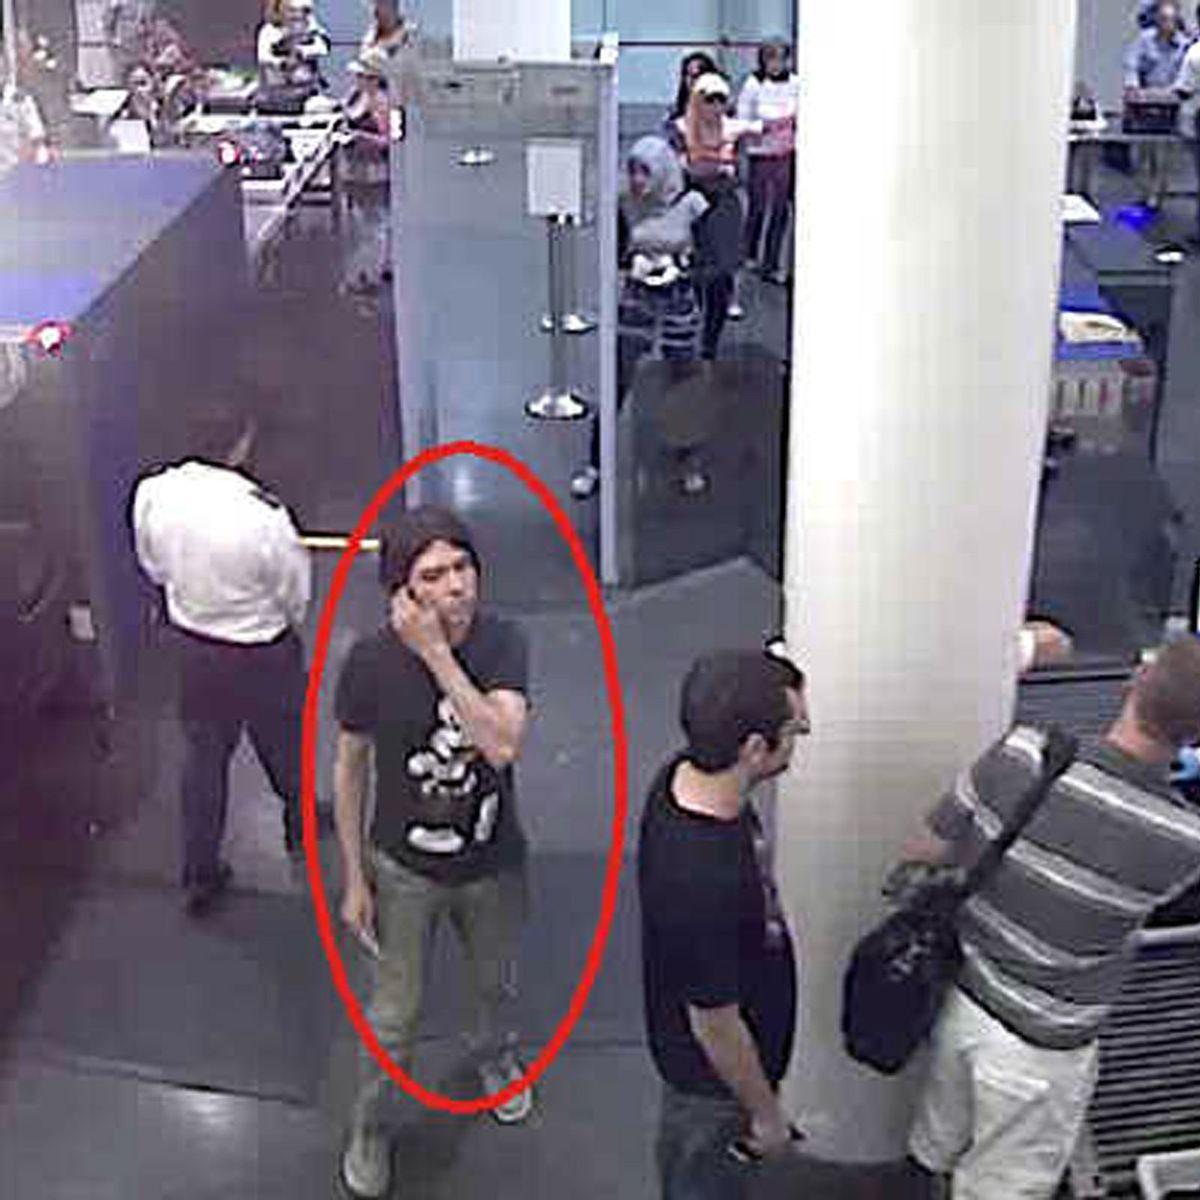 Canadian Murder Suspect Luka Rocco Magnotta Arrested In Berlin Der Spiegel